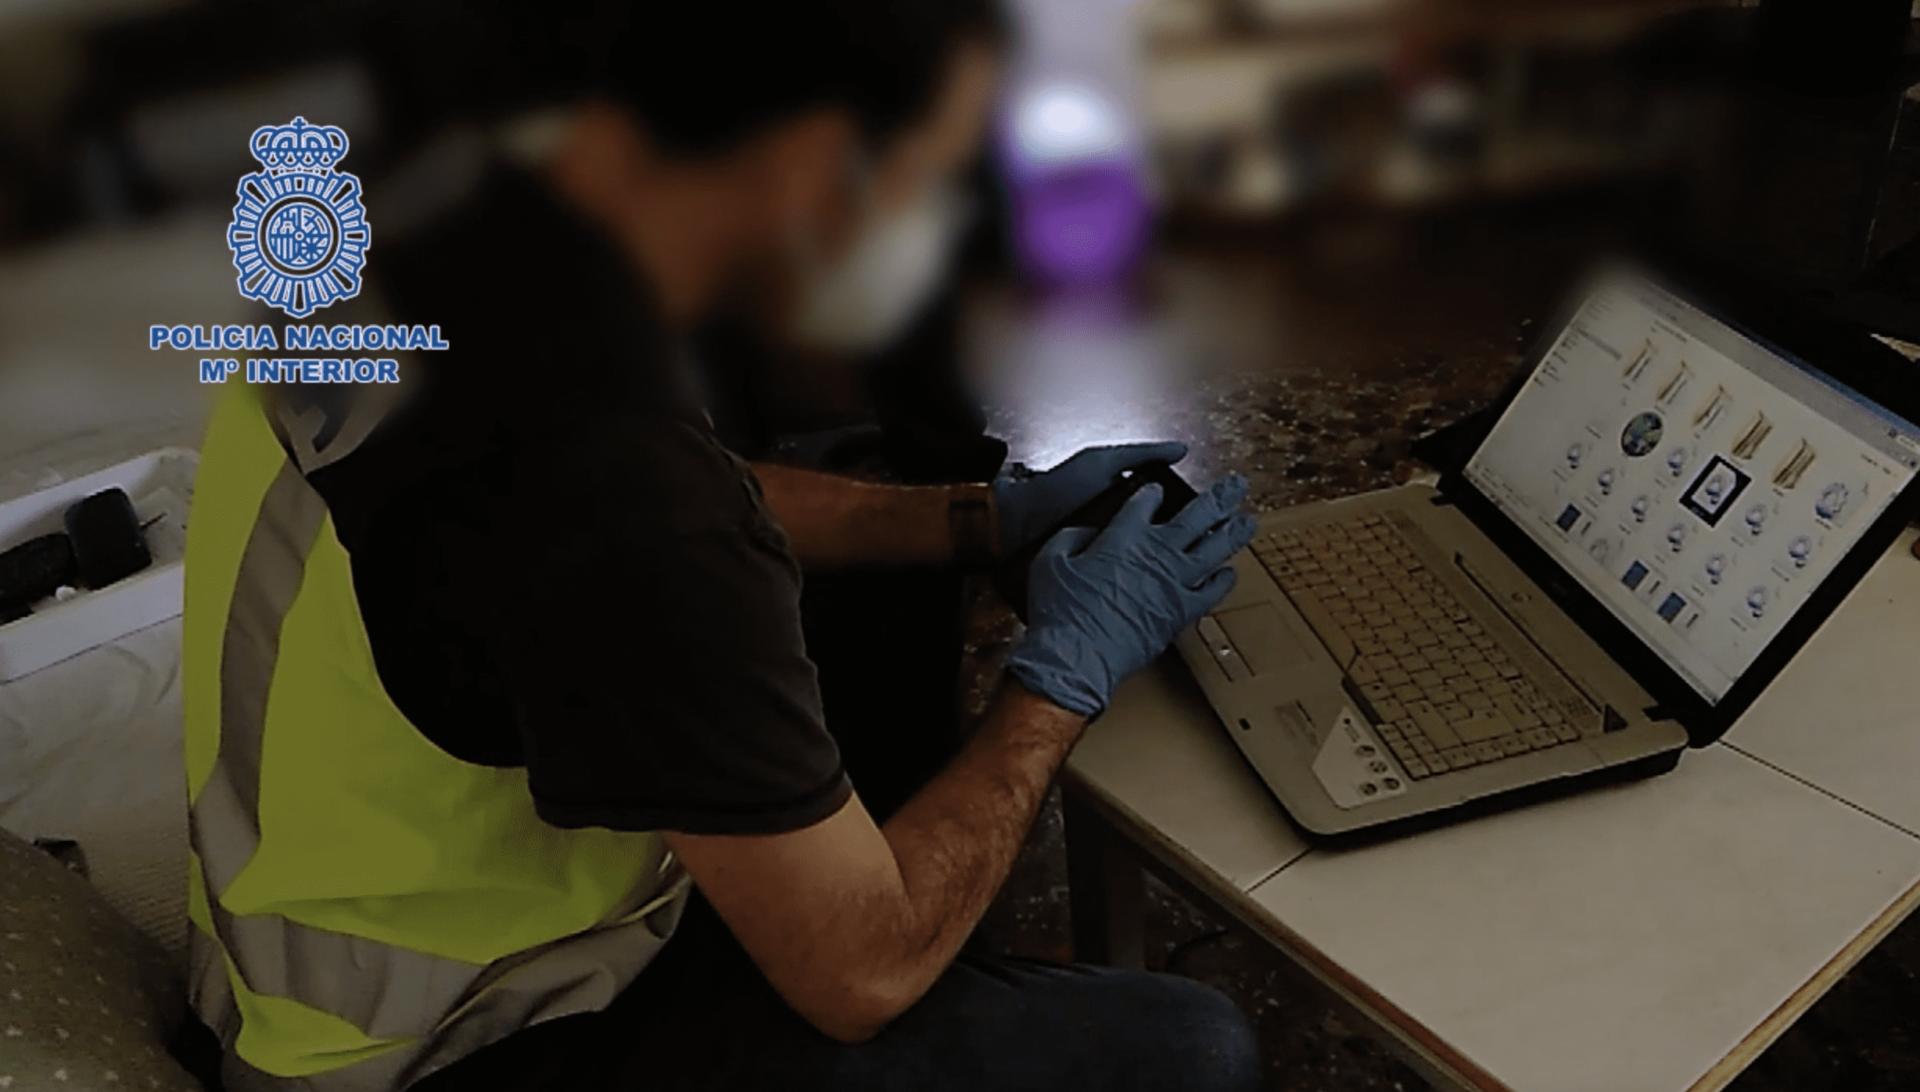 Imagen del registro policial en la casa del detenido | Policía Nacional